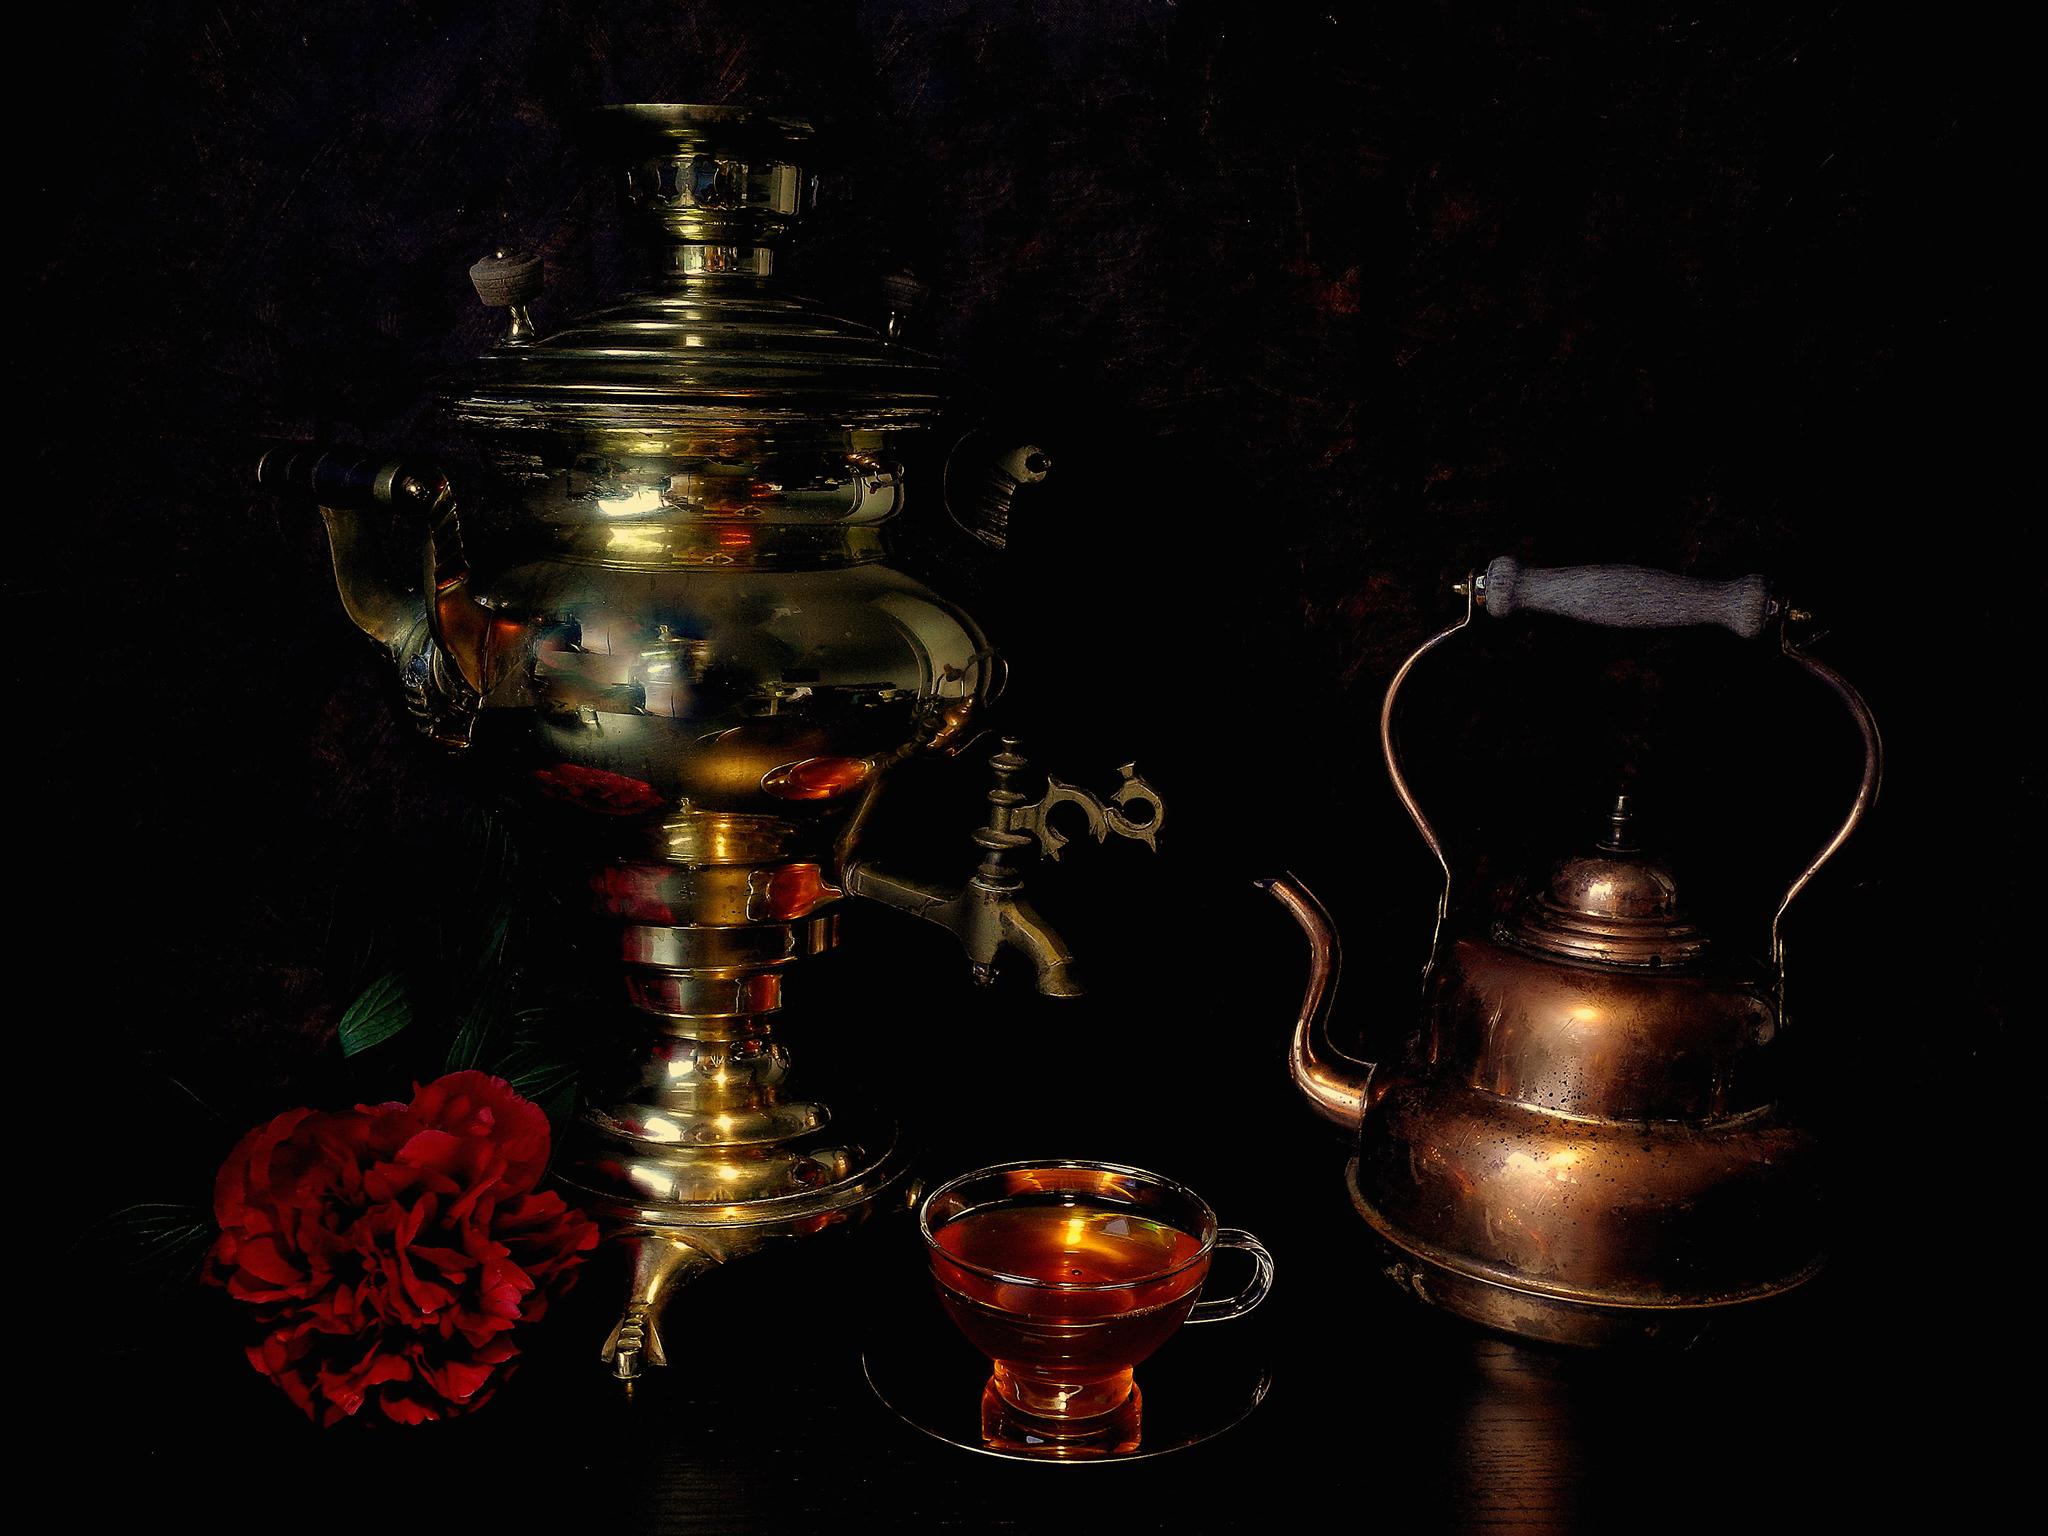 хлеб чай кружка чайник масло  № 2118890 загрузить